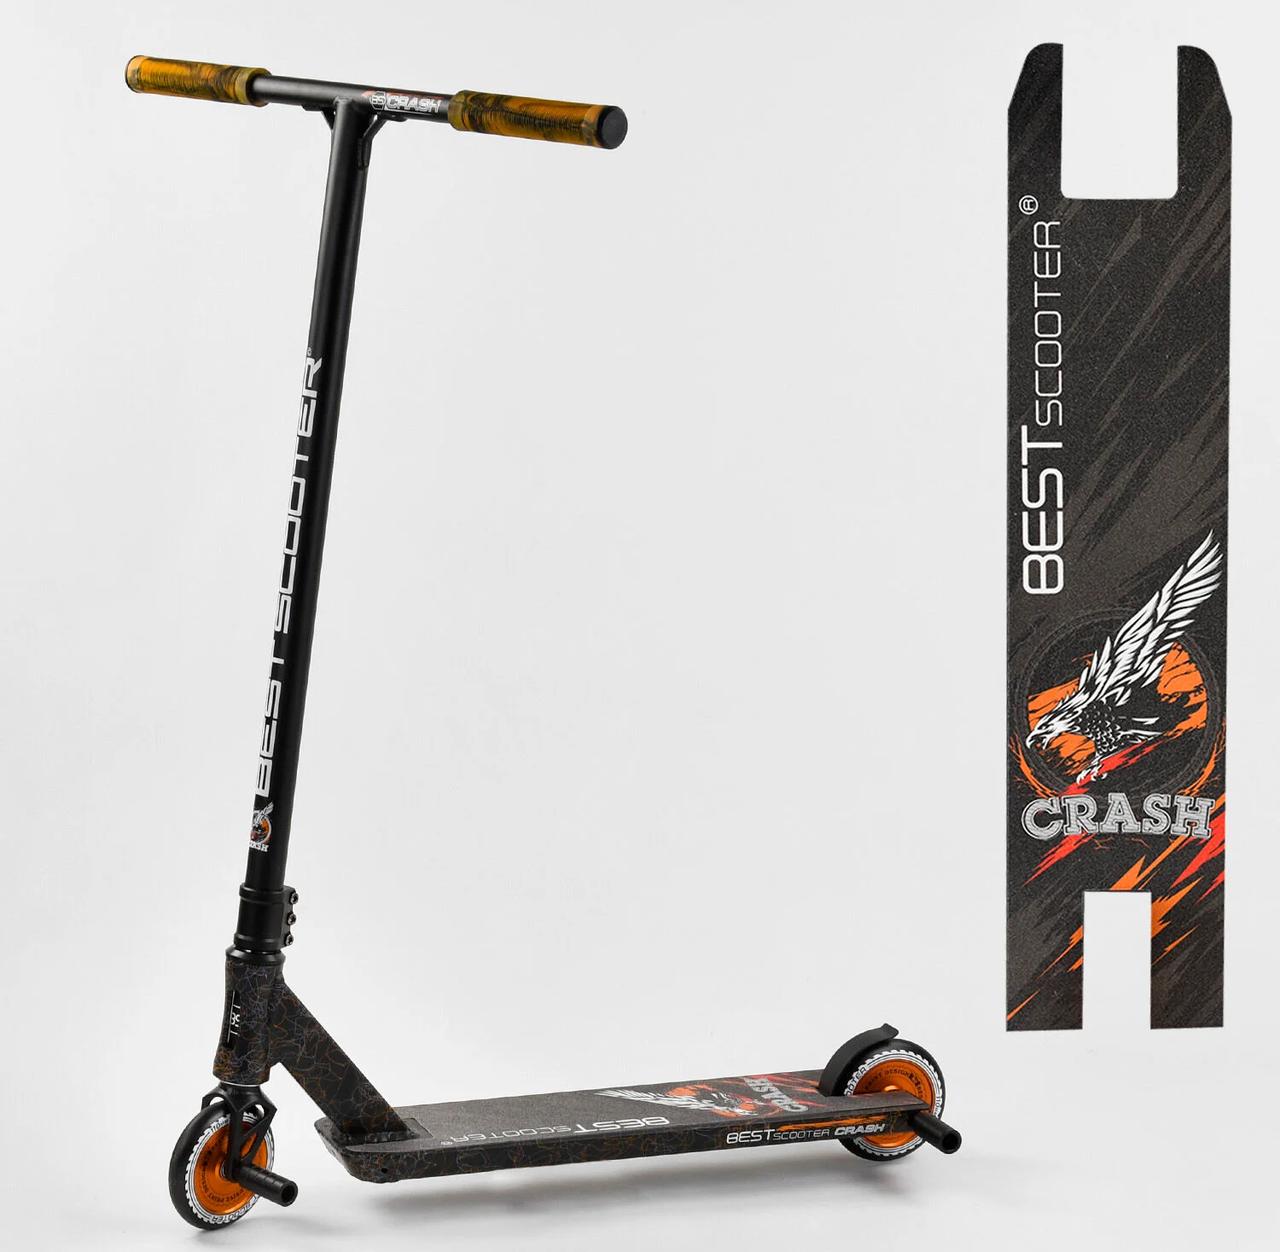 """Трюковый самокат Best Scooter 65640 """"Crash"""" Cr-Mo черно-оранжевый"""